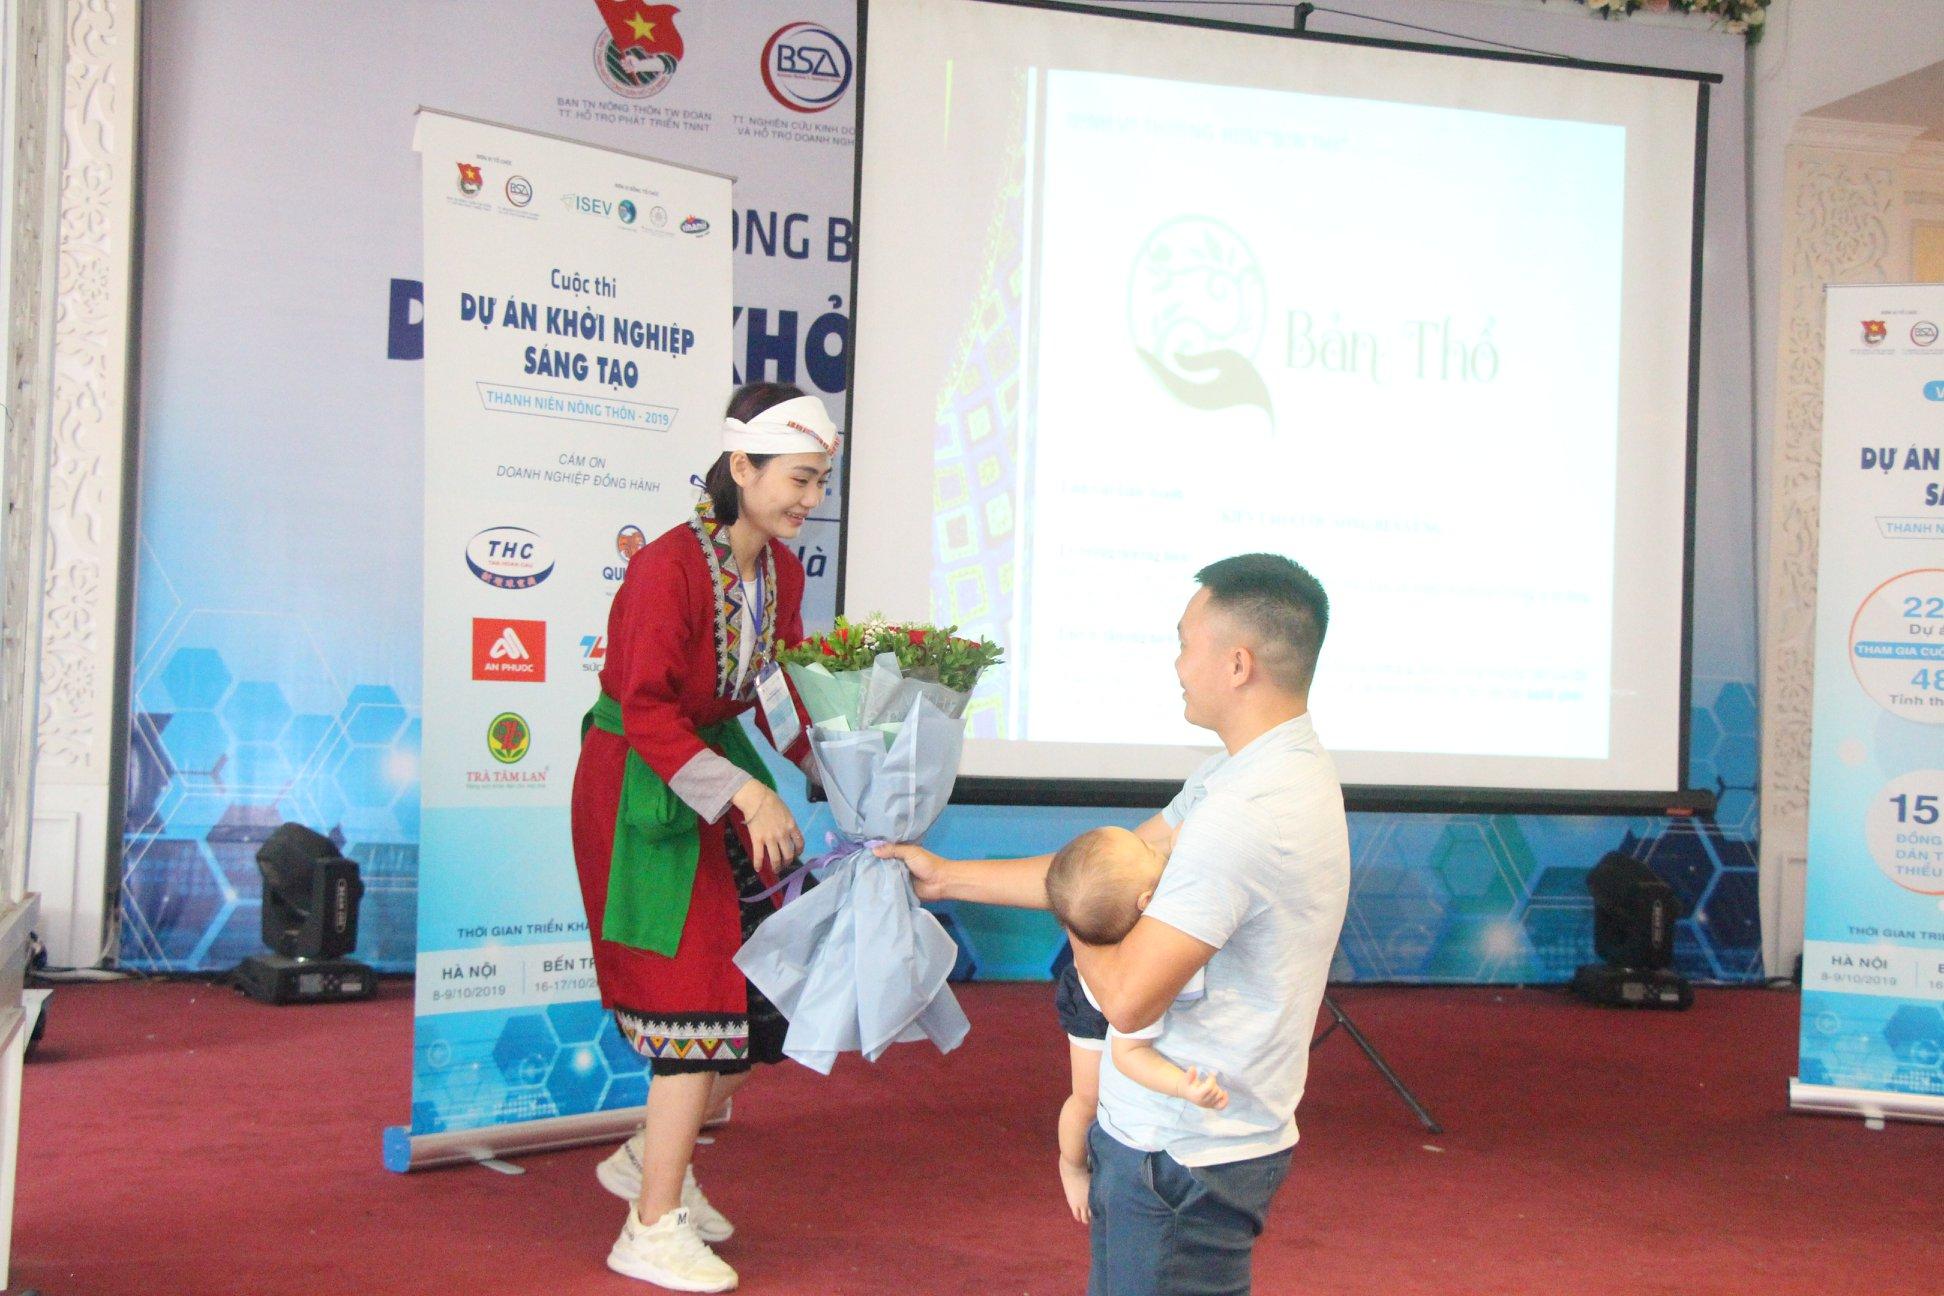 Vợ chồng cô gái người dân tộc Thổ tại cuộc thi. Ảnh: BTC cung cấp